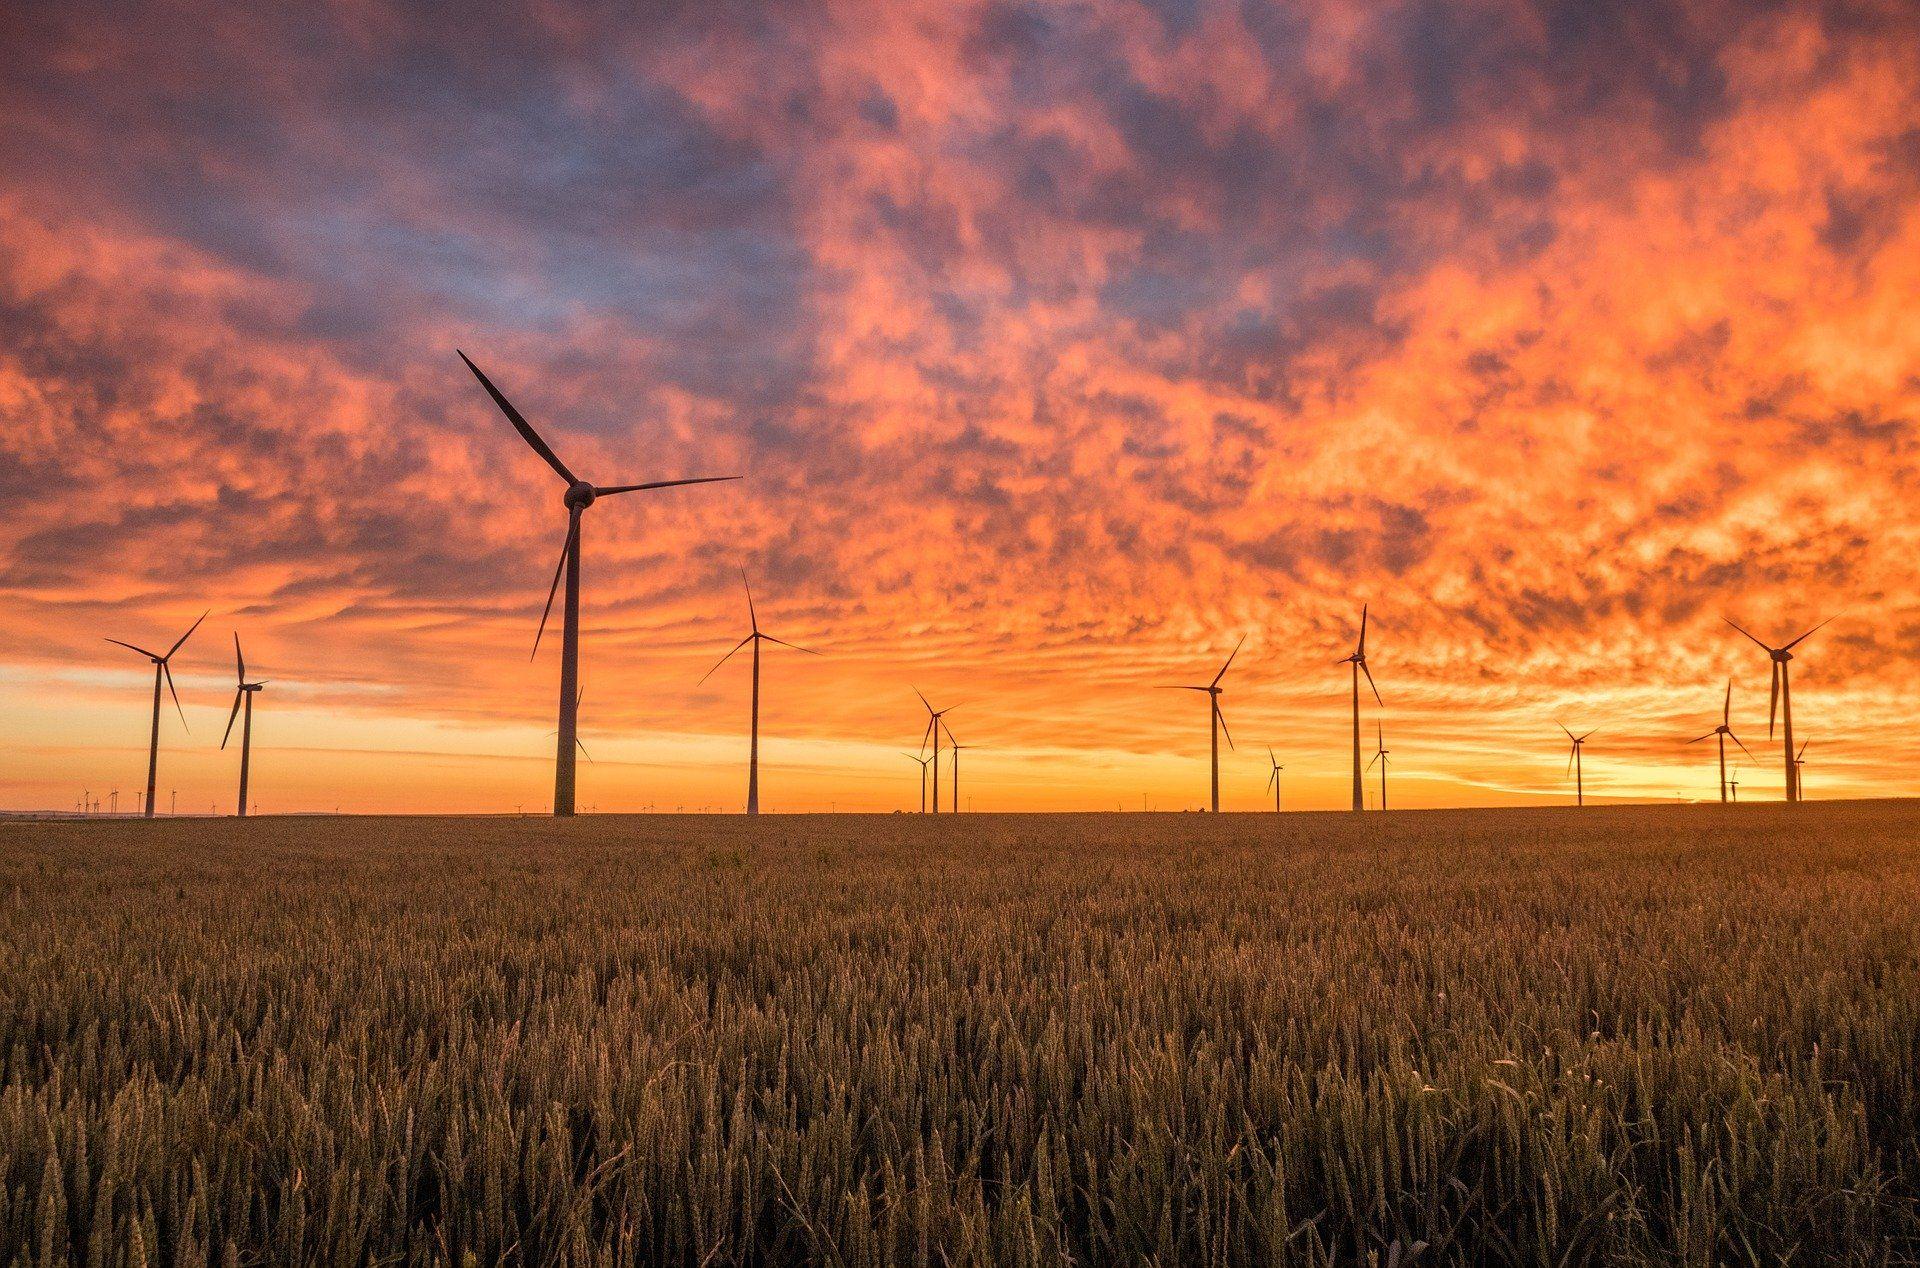 Windräder stehen verteilt auf einem Weizenfeld.